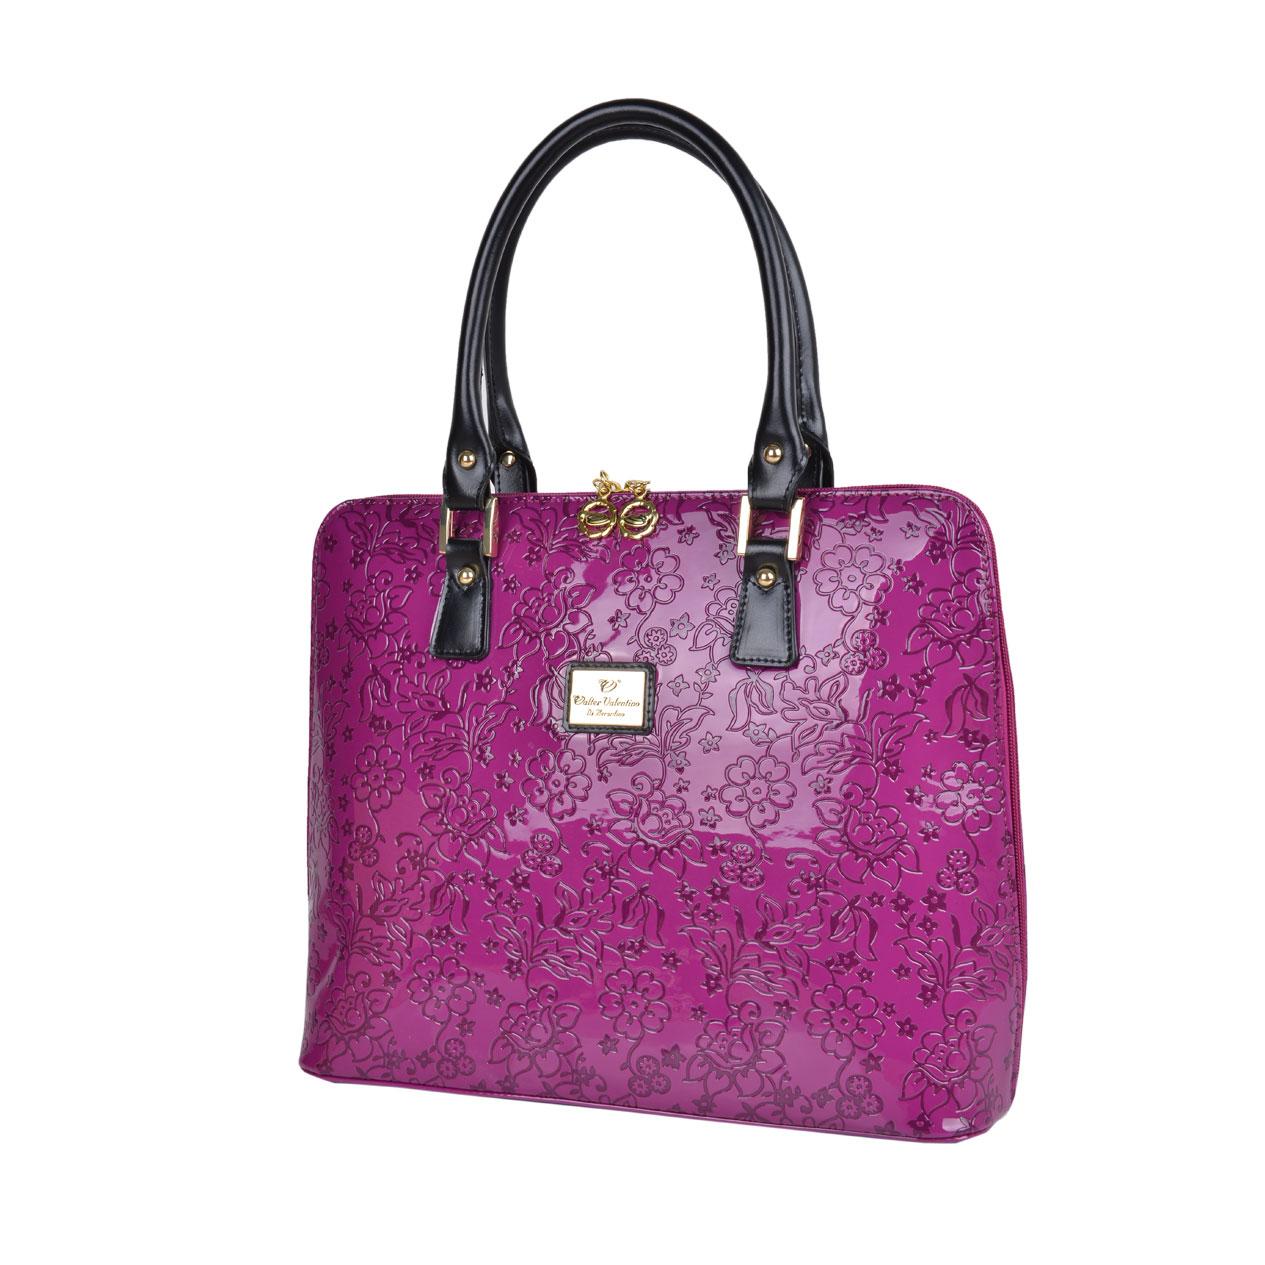 V115 leather handbag spring summer 2015 Walter Valentino ...